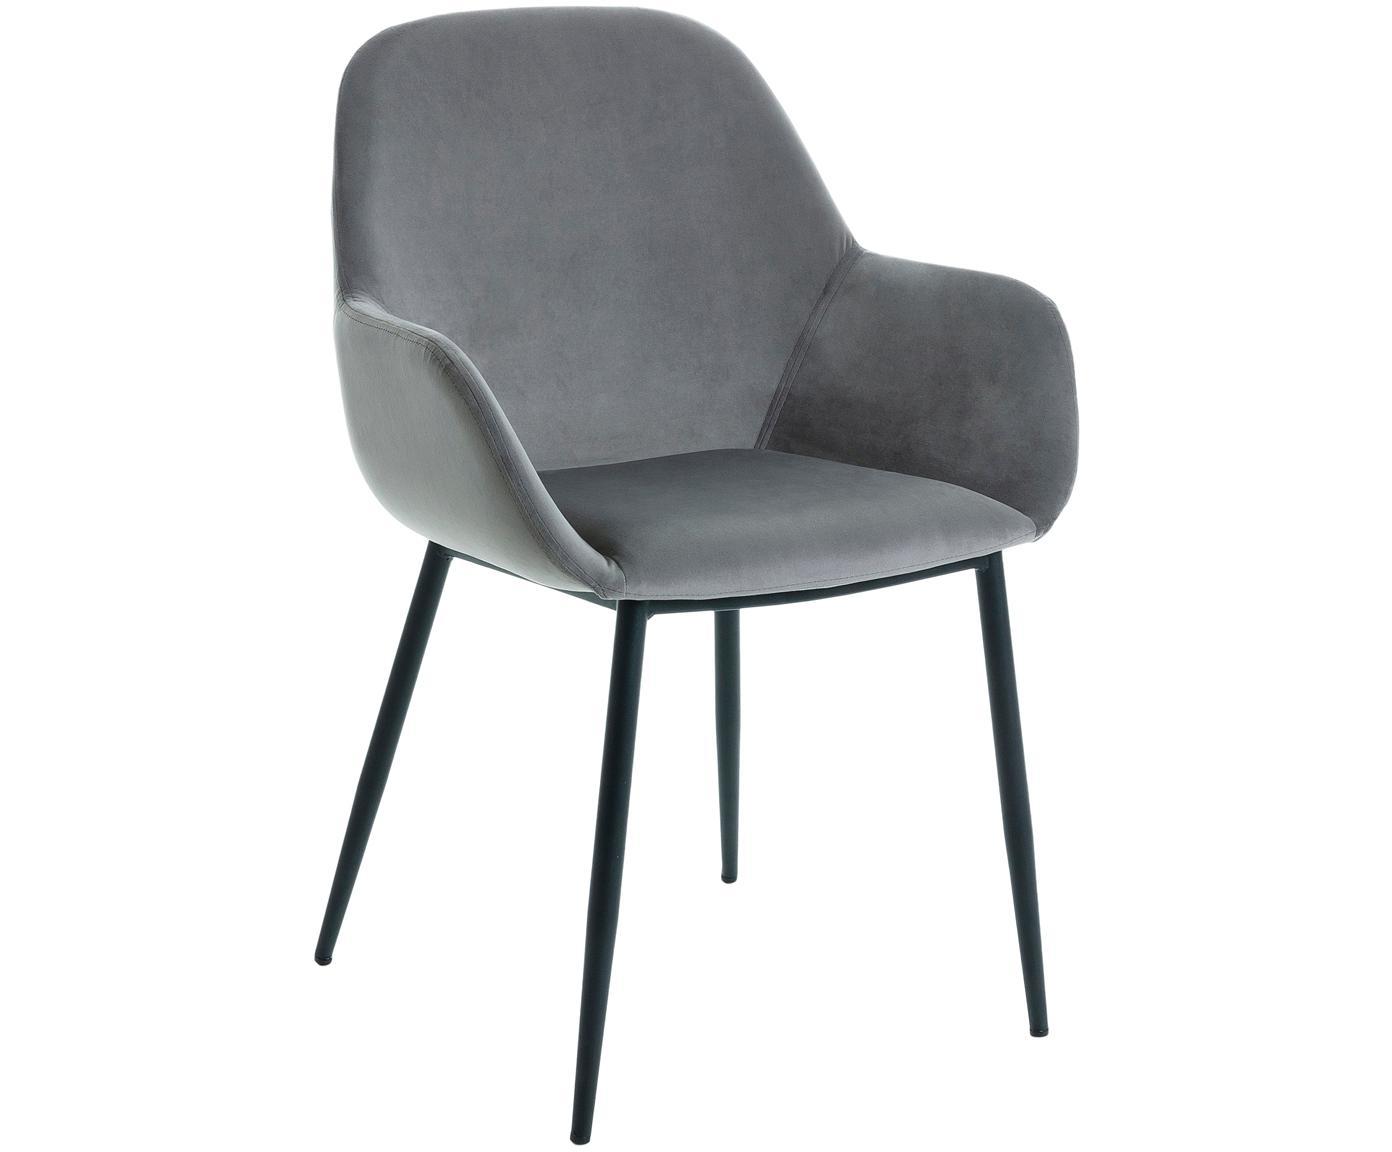 Krzesło z podłokietnikami z aksamitu Kona, 2szt., Tapicerka: aksamit poliestrowy 5000, Nogi: metal lakierowany, Szary, S 59 x G 52 cm